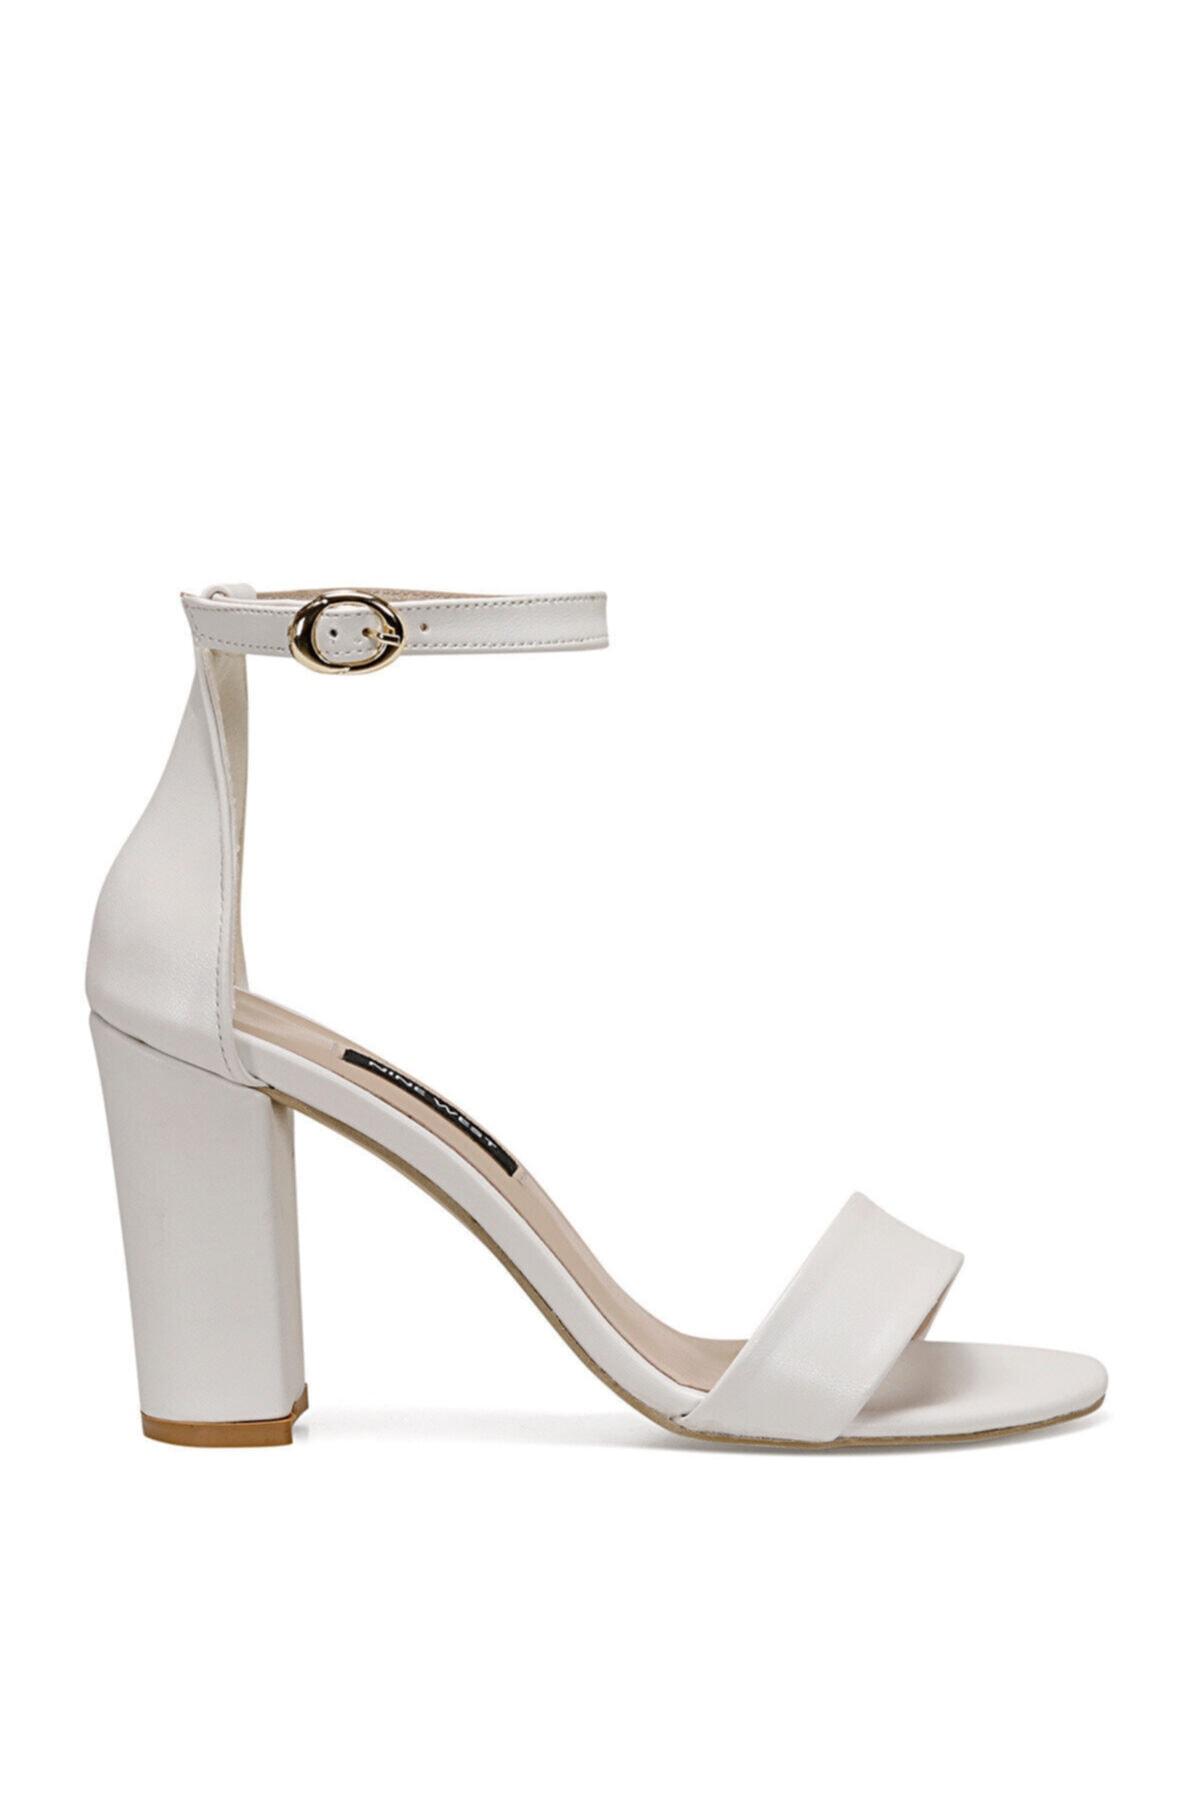 Nine West CALVI Beyaz Kadın Sandalet 100574730 1